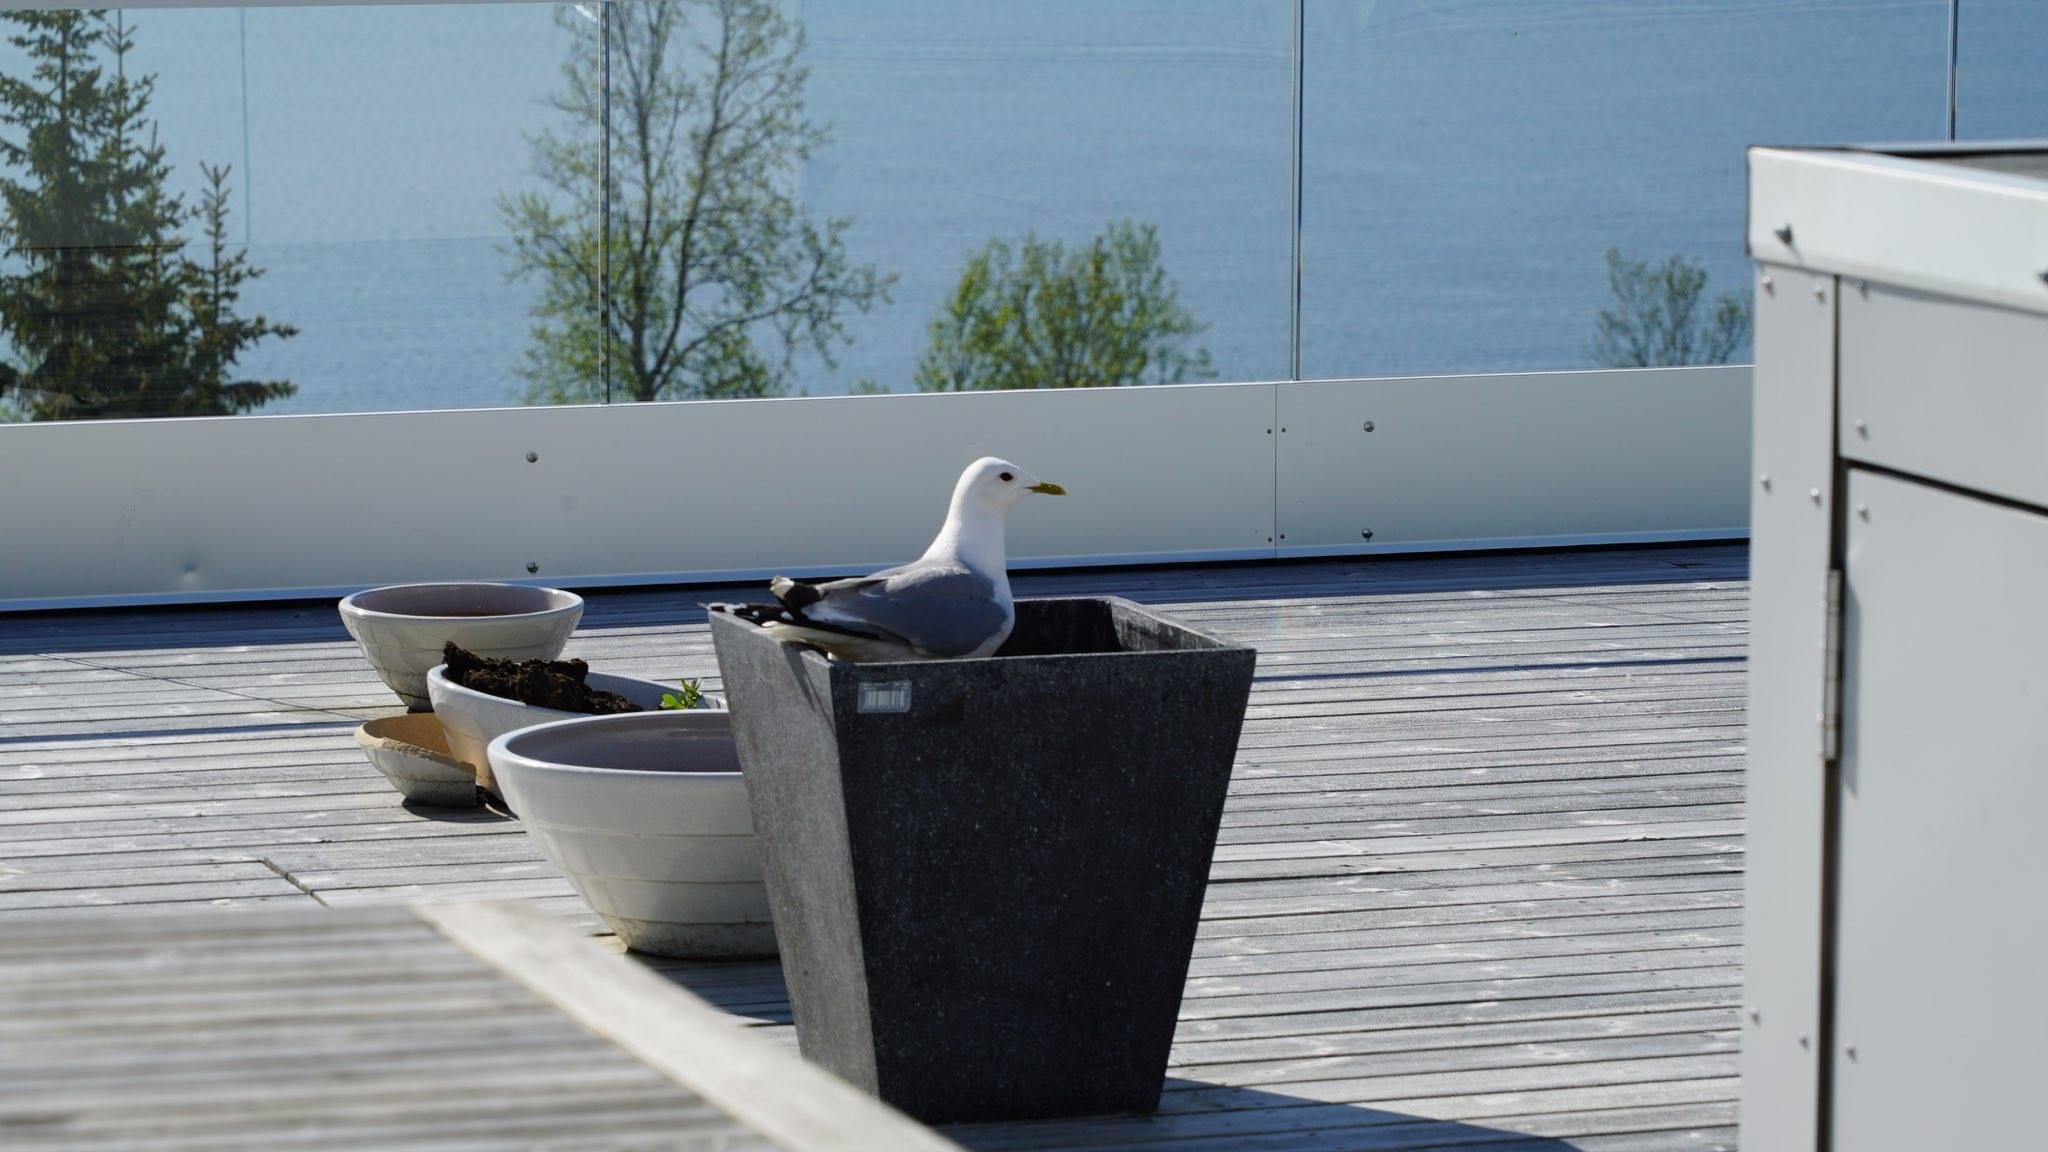 Seagul terrasse1.jpg